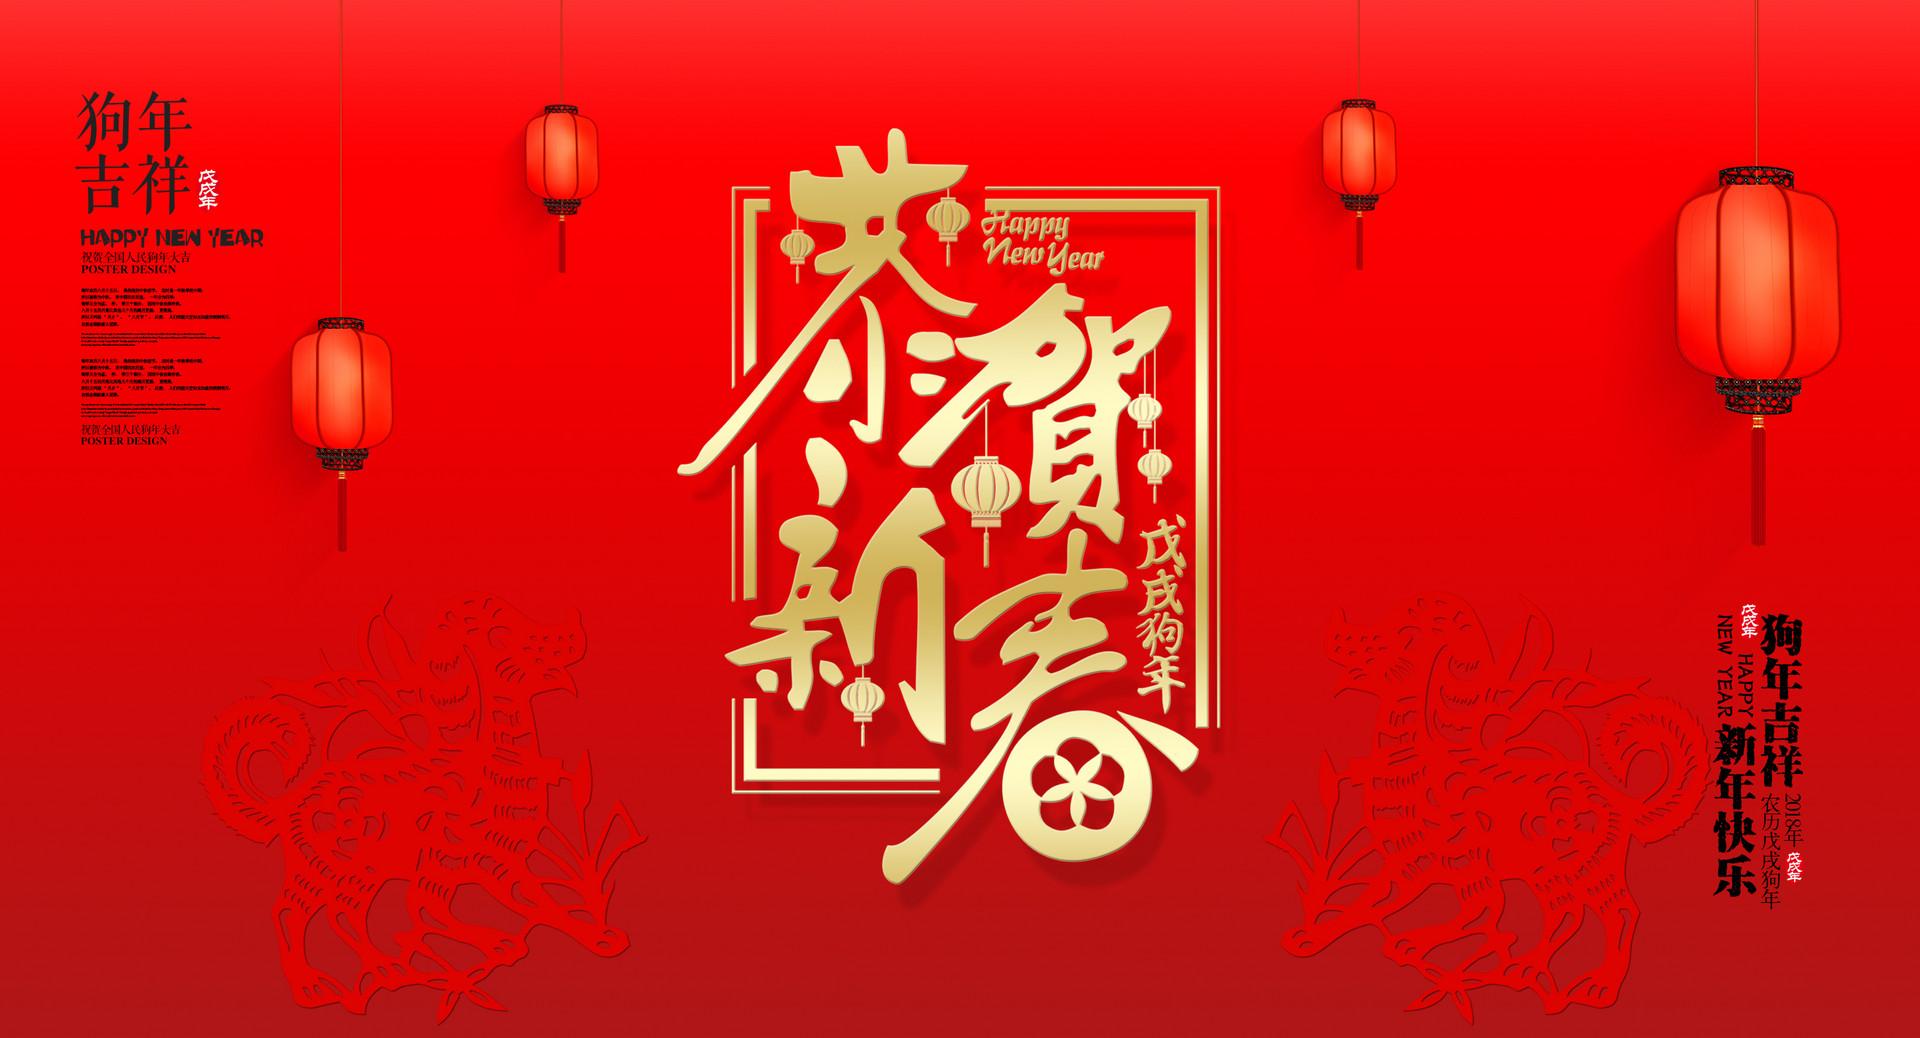 400084615_banner.jpg